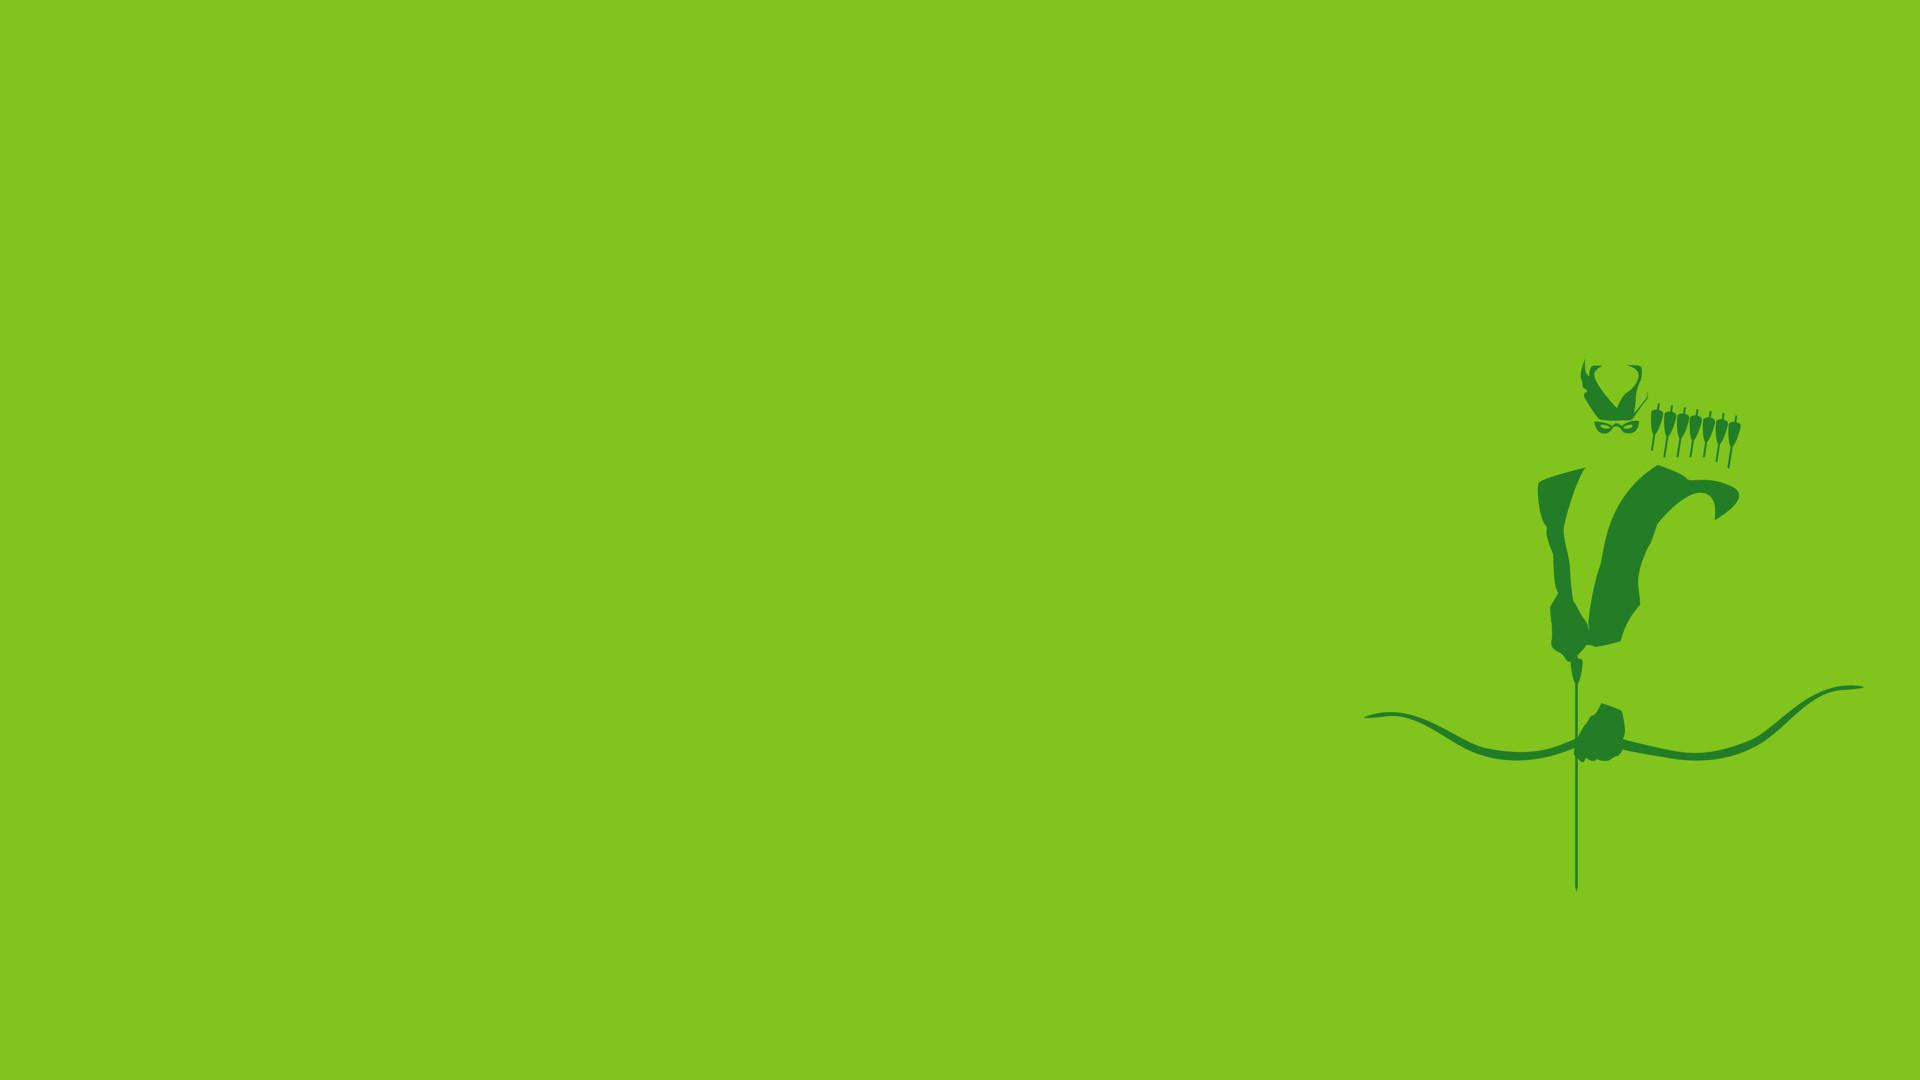 Green Arrow Logo Wallpaper Comics – green arrow wallpaper